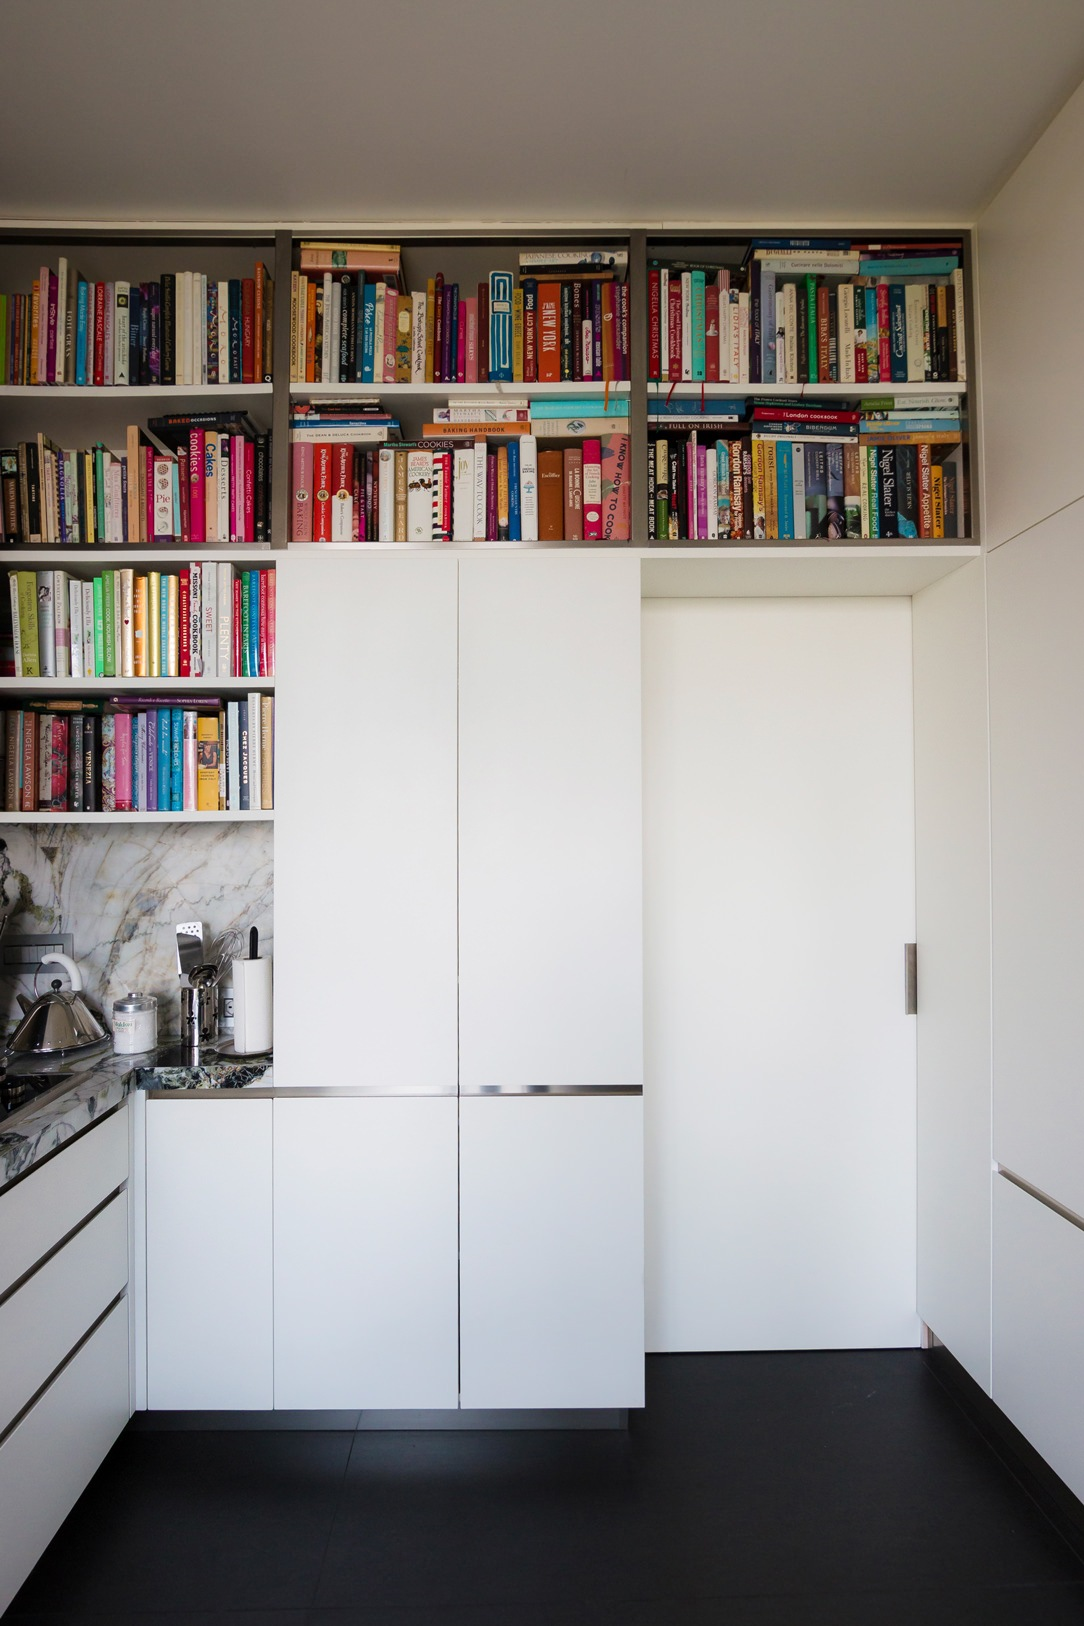 cucina retro libri